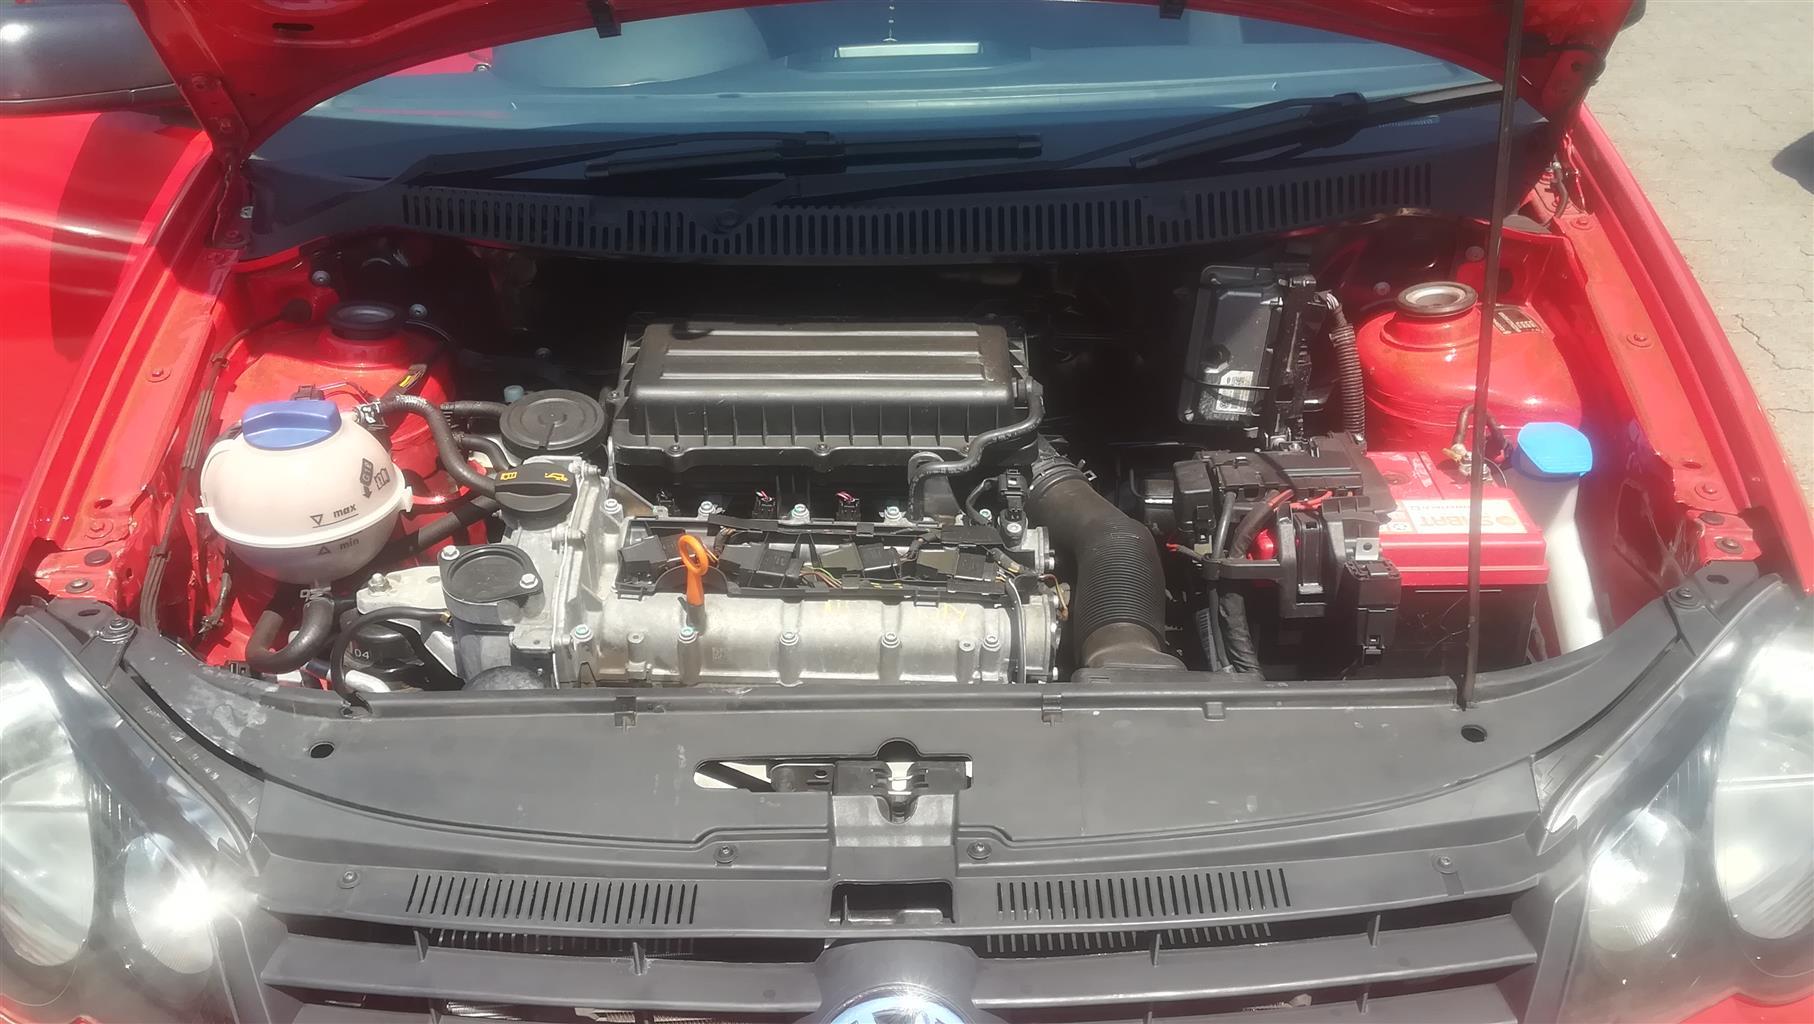 2012 VW Polo Vivo sedan